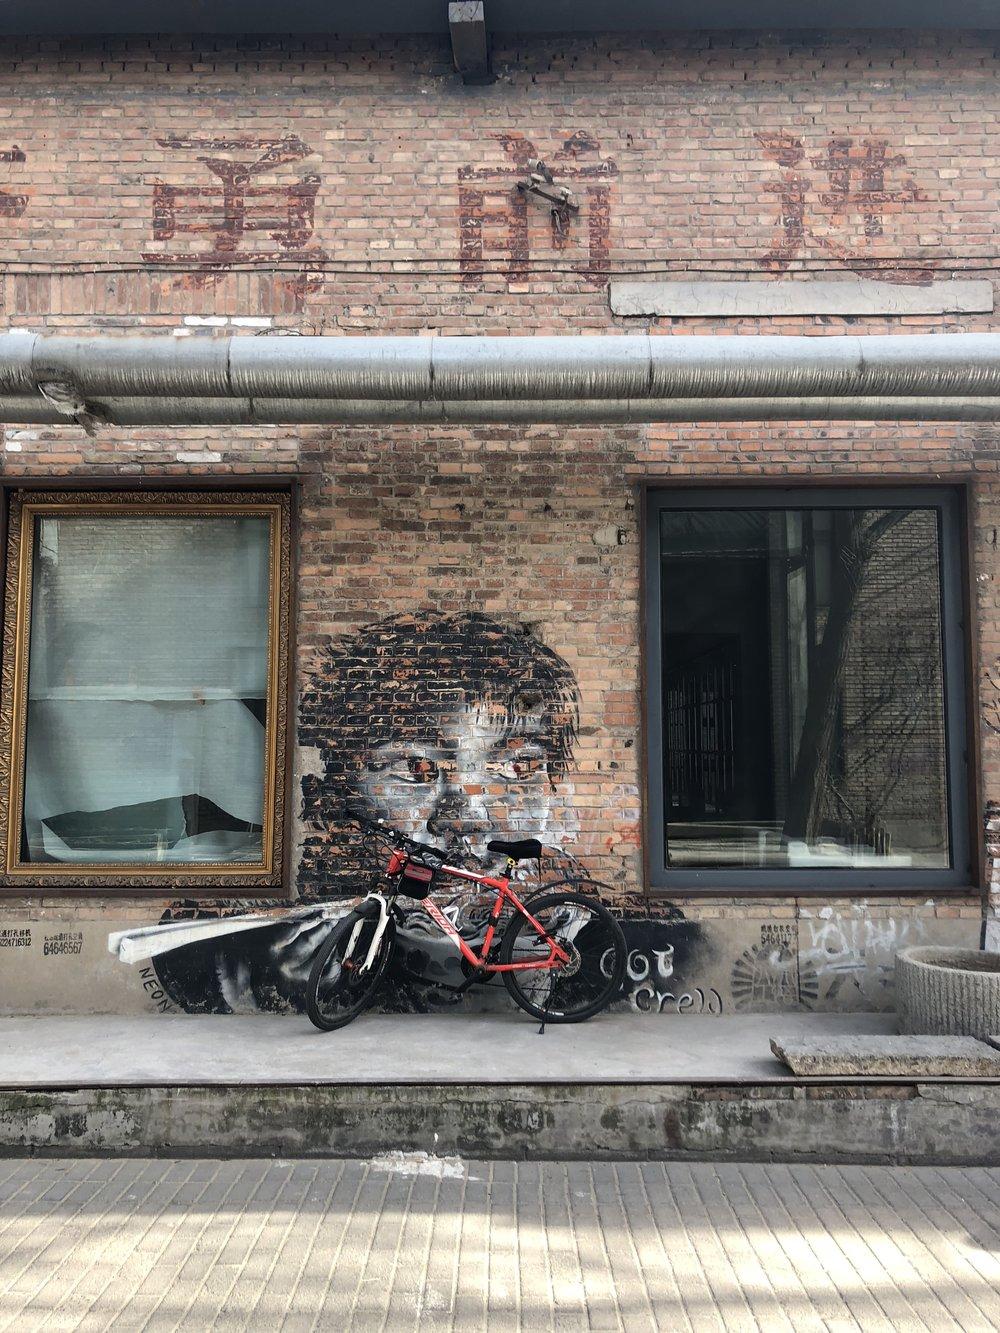 Beijing Arts District